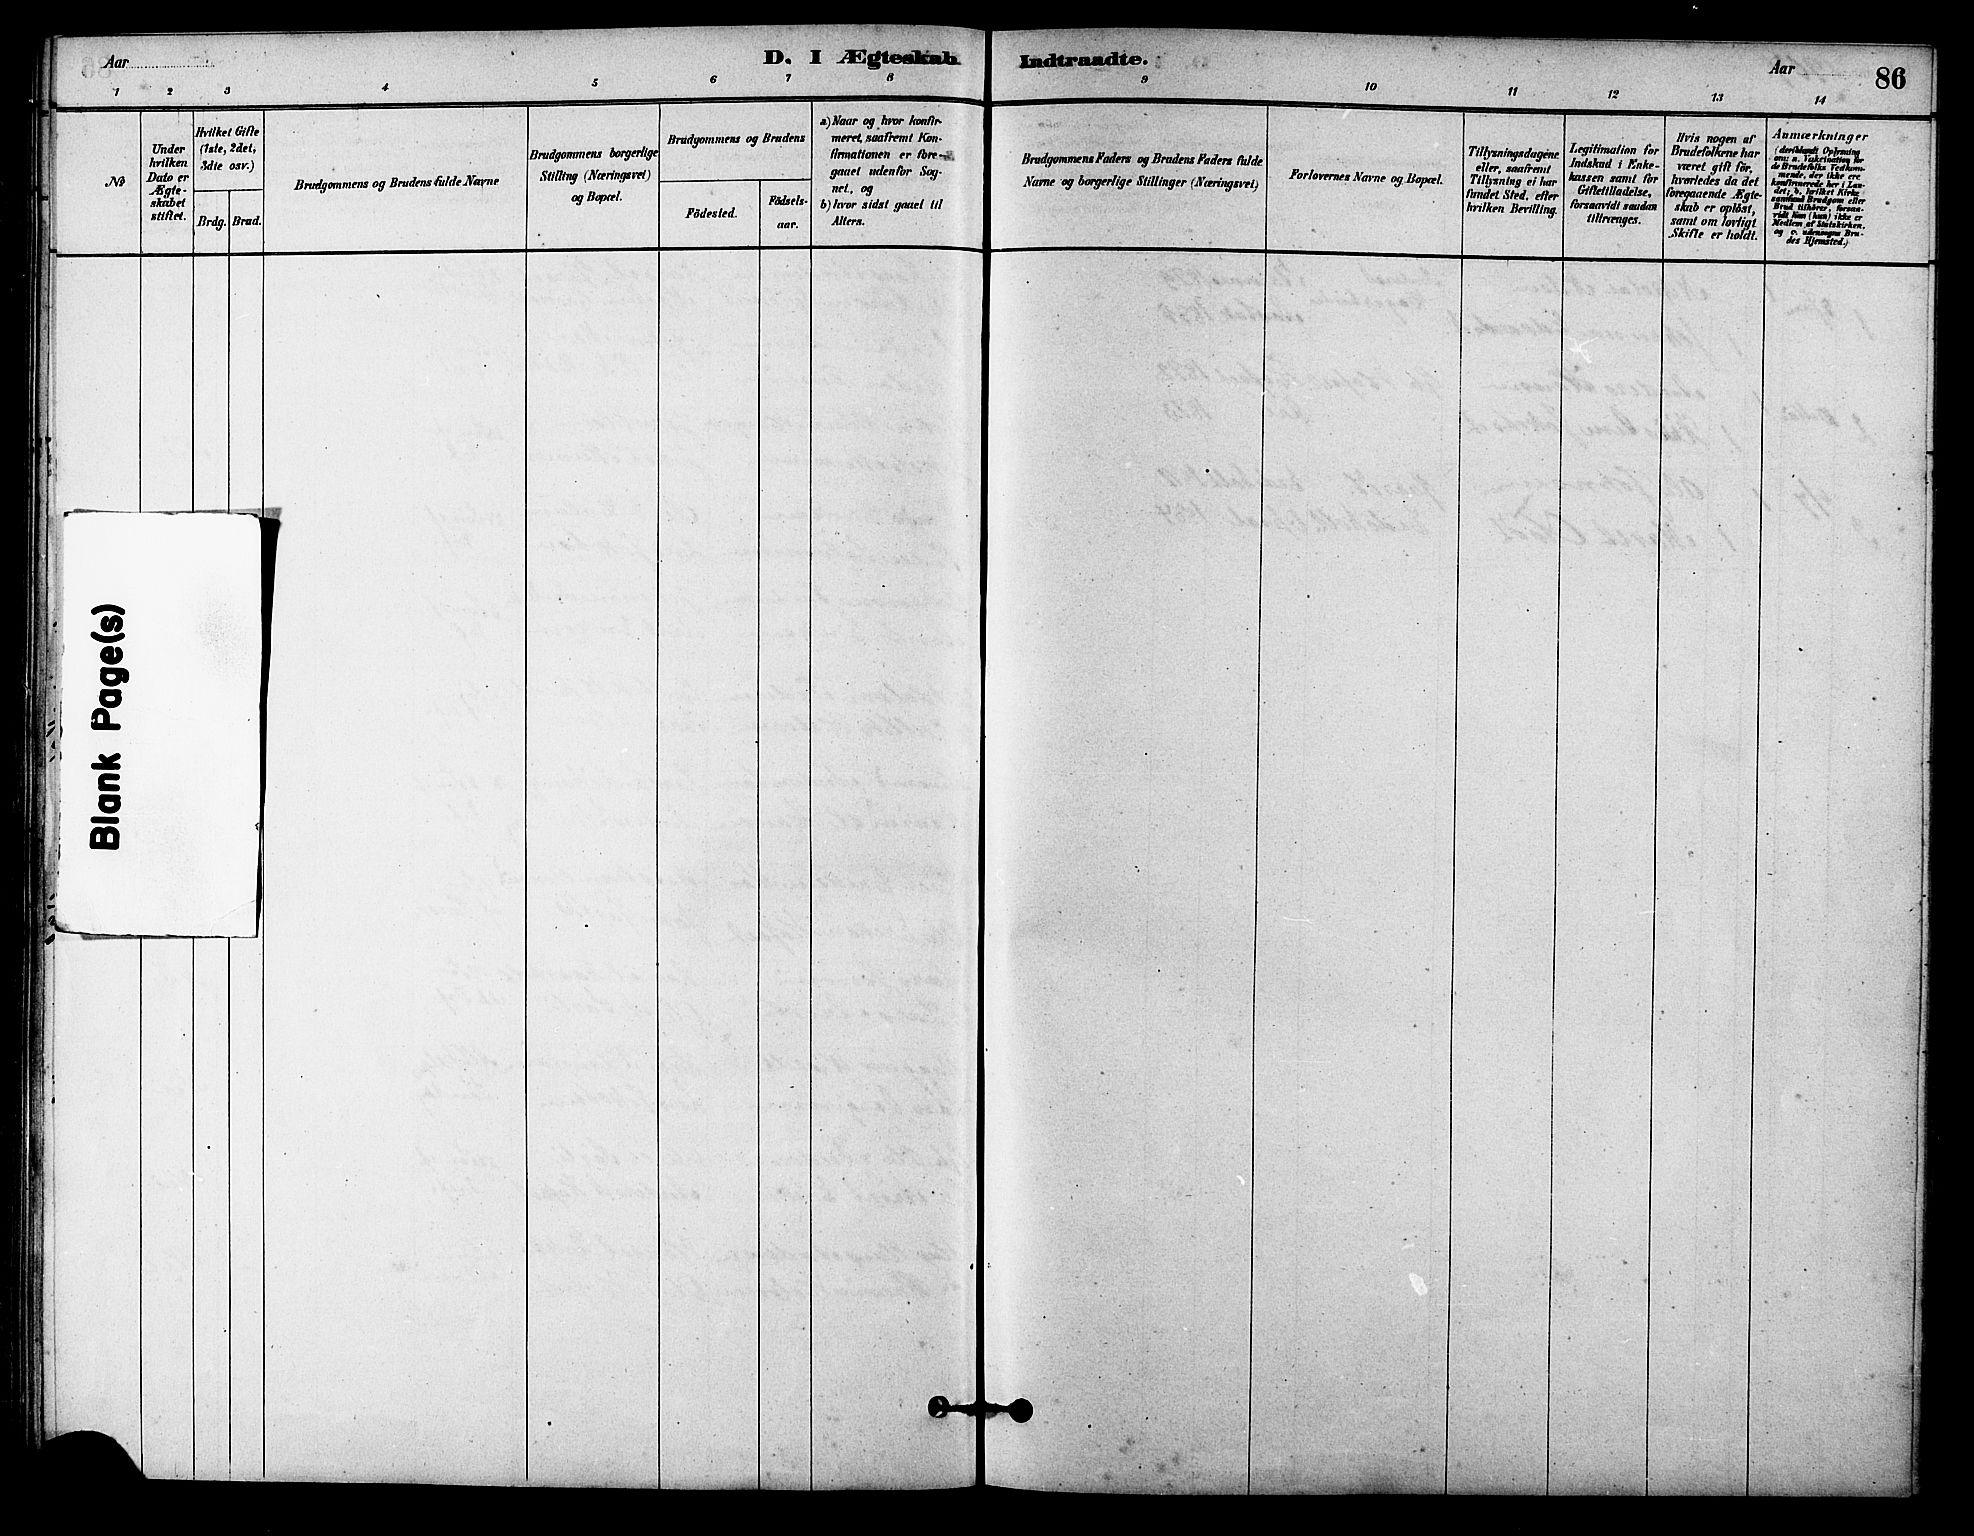 SAT, Ministerialprotokoller, klokkerbøker og fødselsregistre - Sør-Trøndelag, 631/L0514: Klokkerbok nr. 631C02, 1879-1912, s. 86